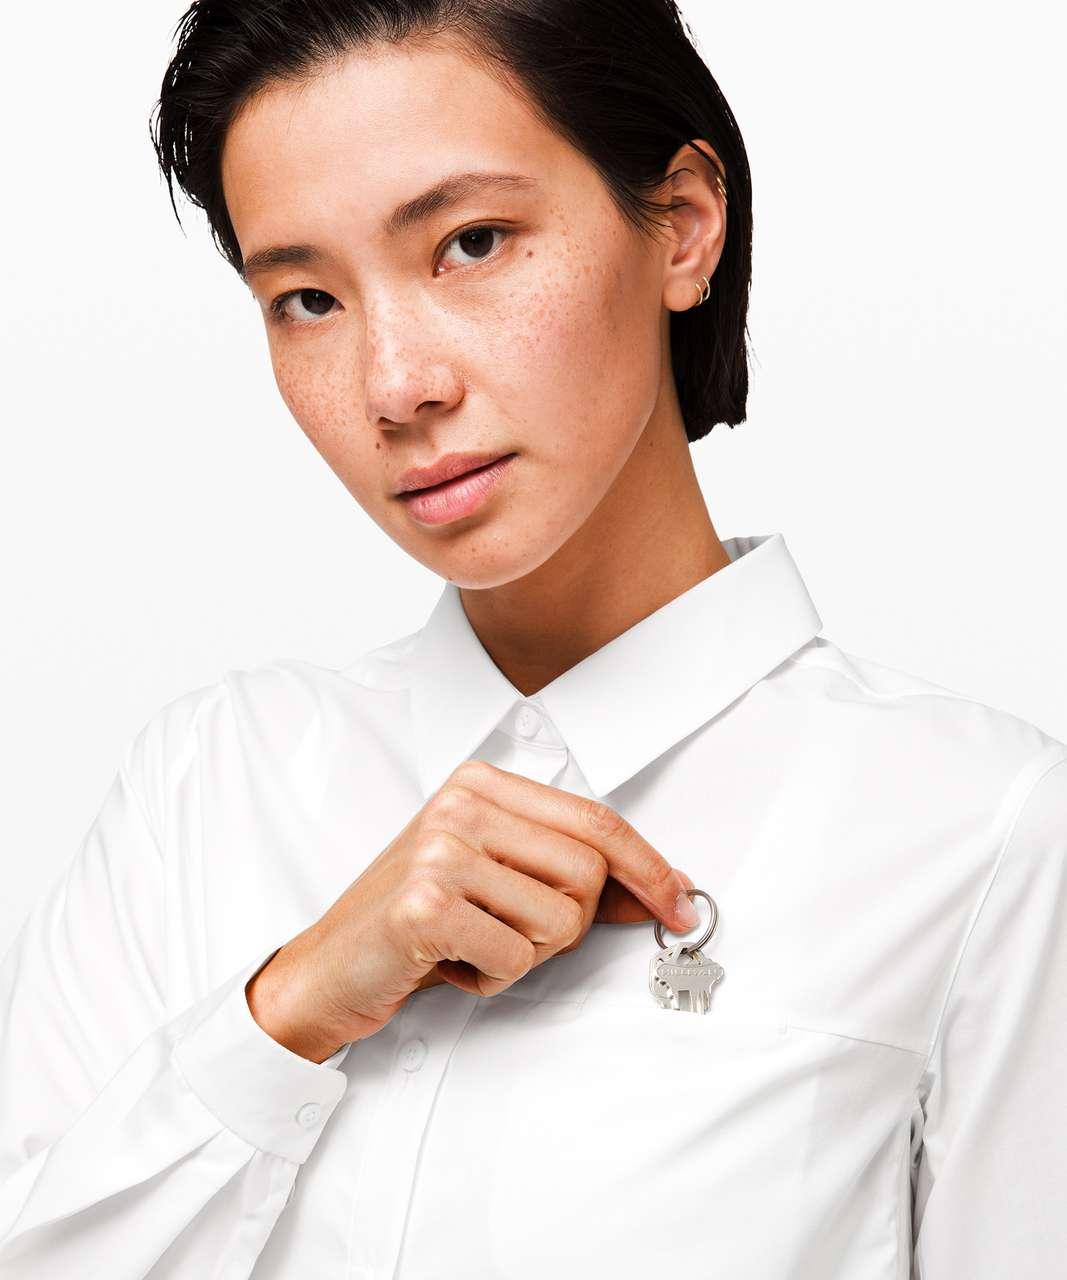 Lululemon Full Day Ahead Shirt - White